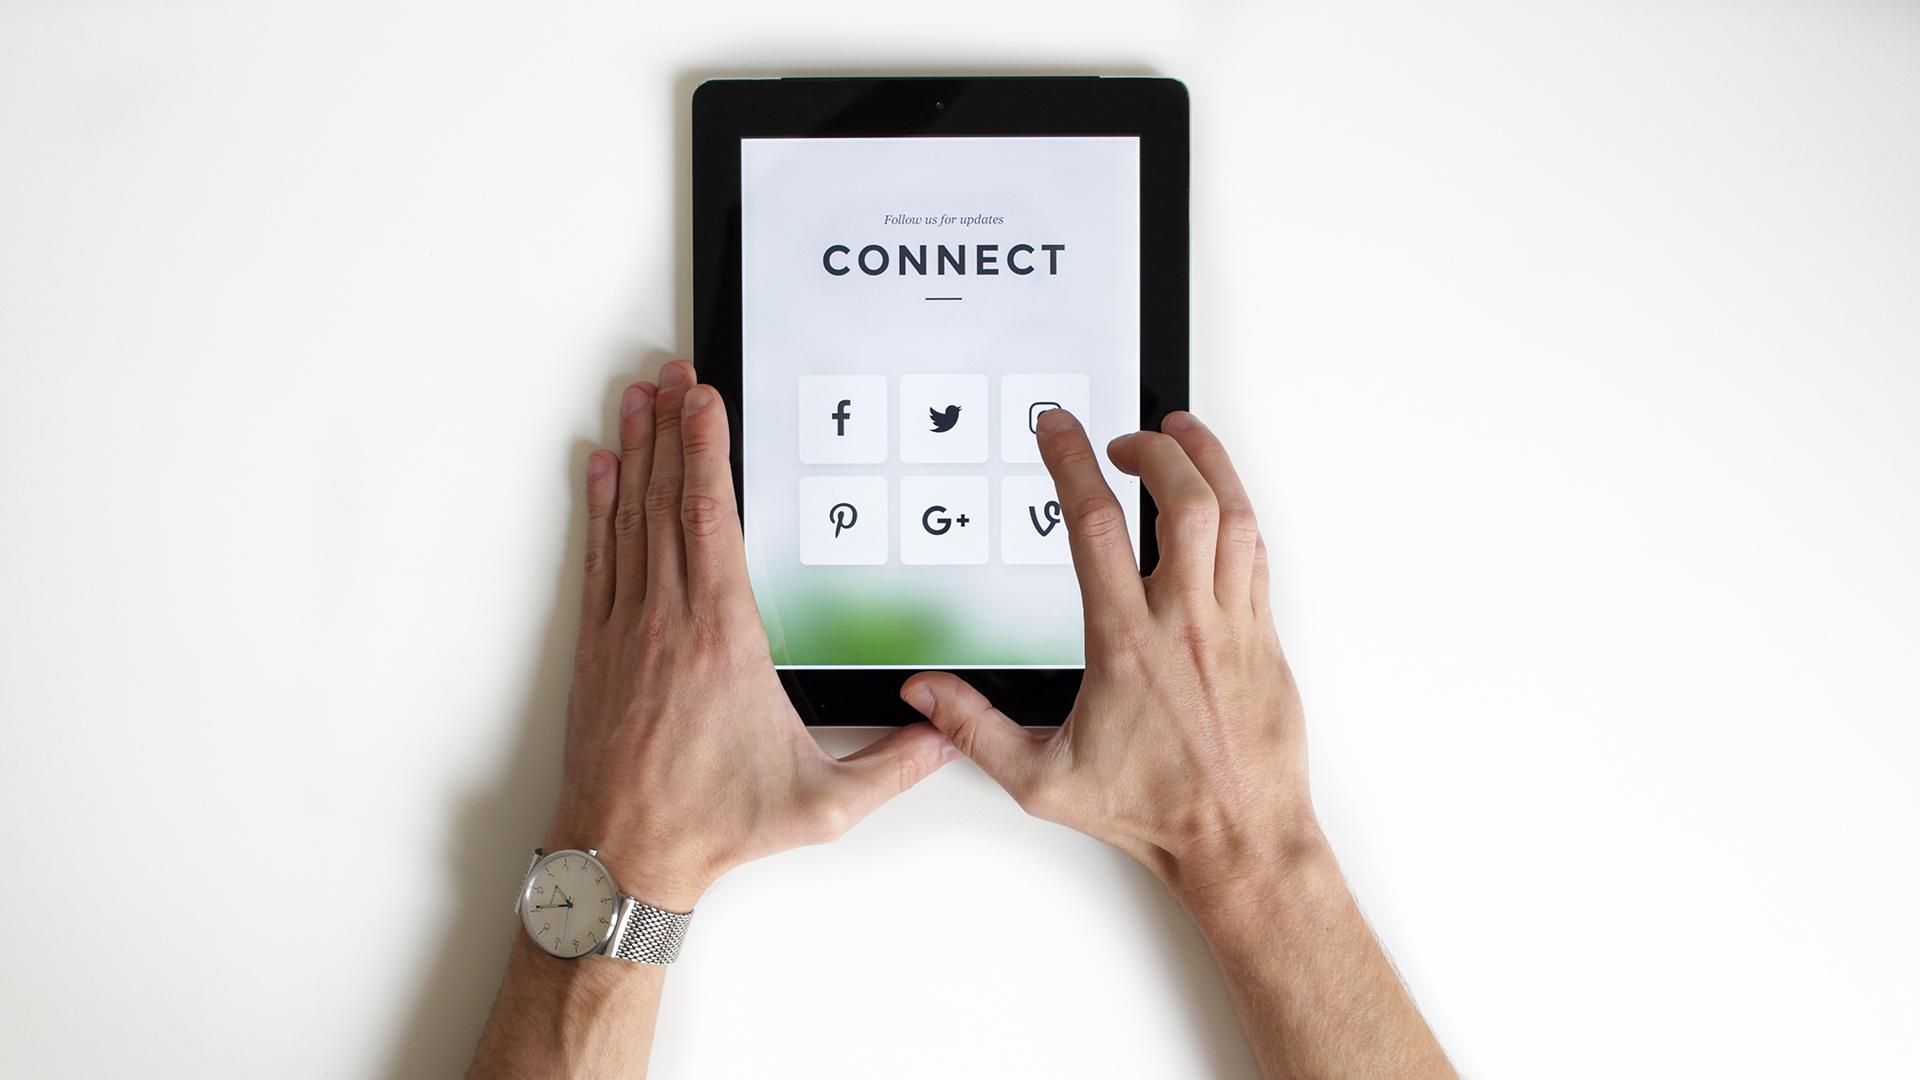 Promosi Bisnis Online dengan Media Sosial yang Tepat